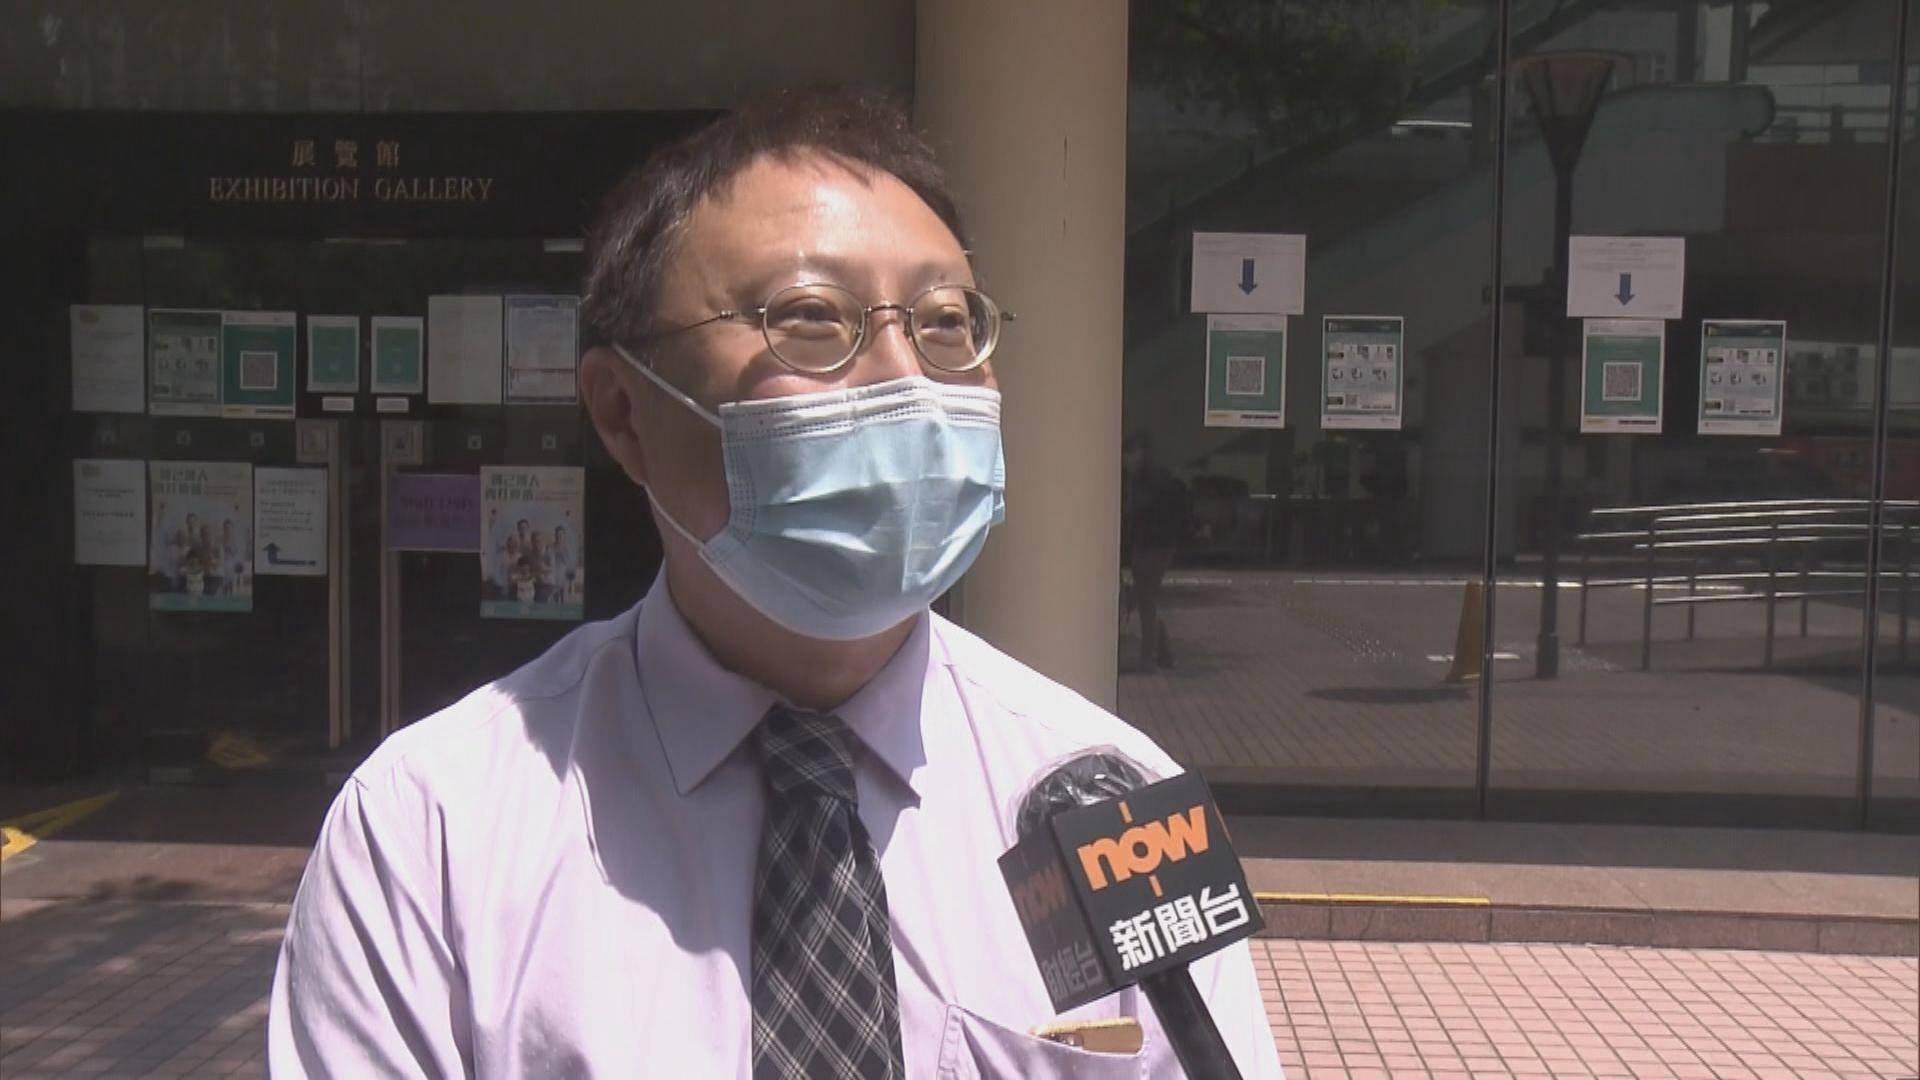 曾浩輝:目前最優先是做好復必泰疫苗調查